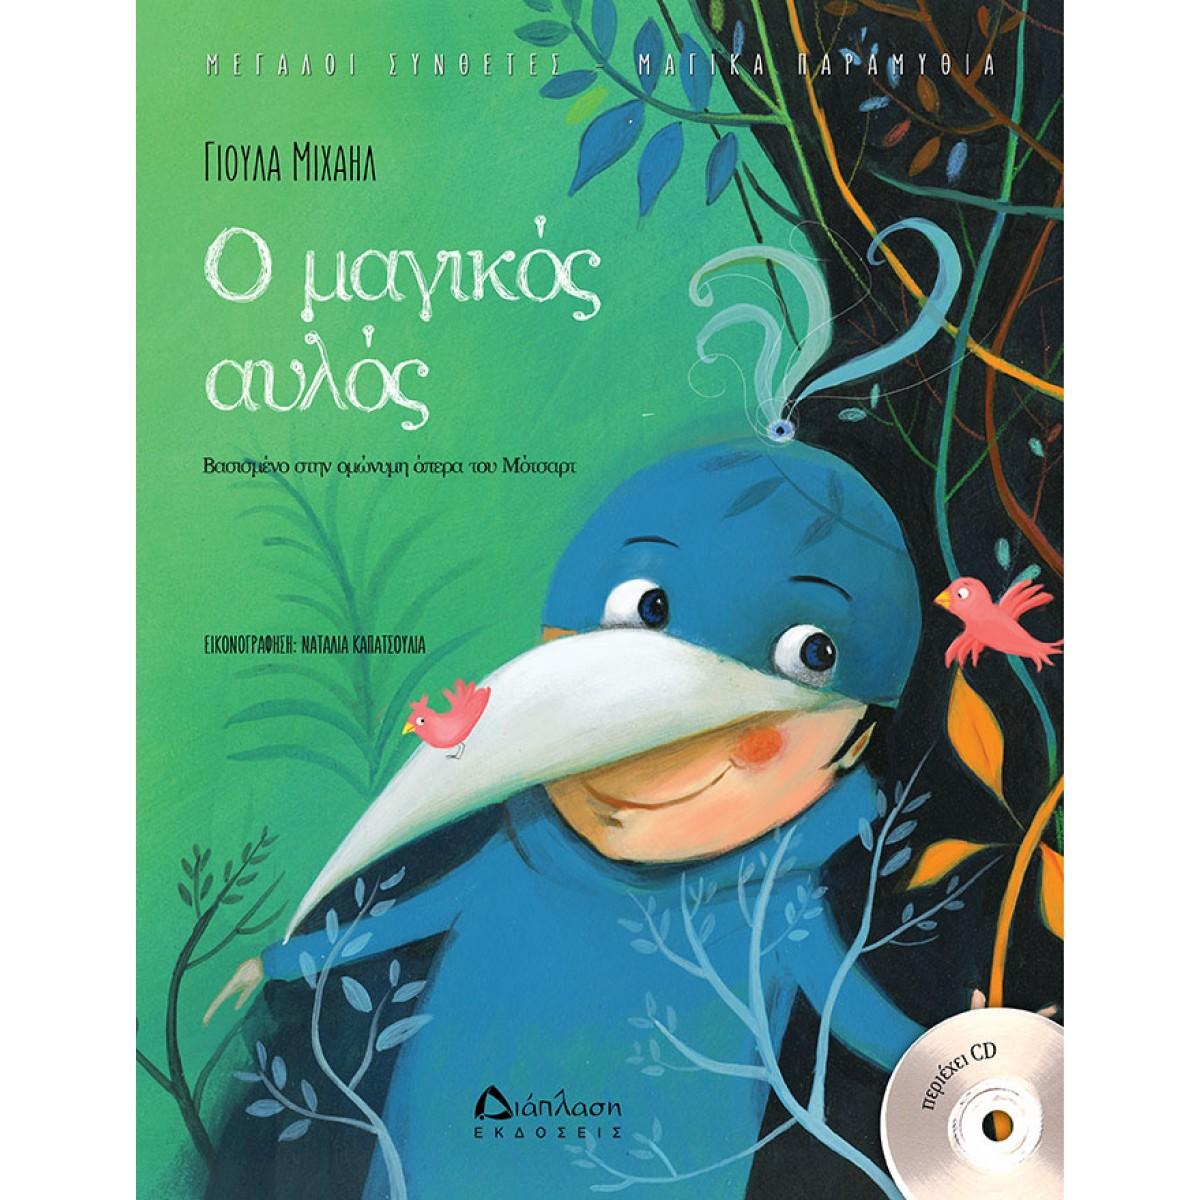 Ο ΜΑΓΙΚΟΣ ΑΥΛΟΣ (ΜΕ CD) Βασισμένο στην ομώνυμη όπερα του Μότσαρτ Παιδικά Βιβλία